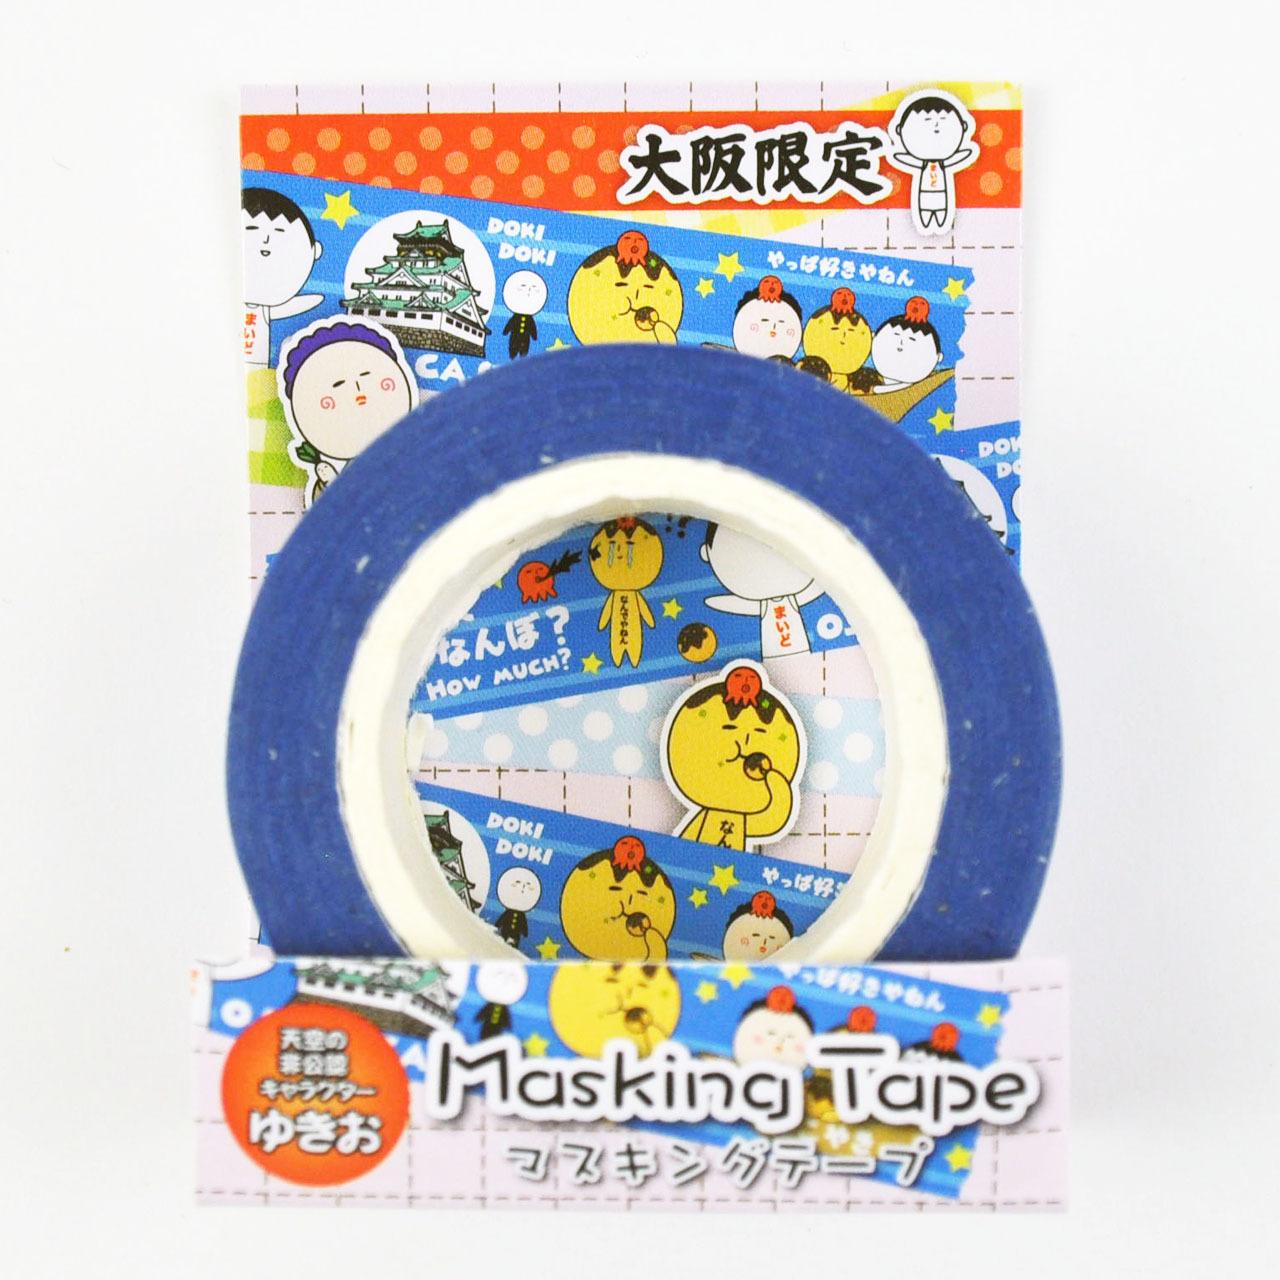 大阪限定ゆきお マスキングテープ